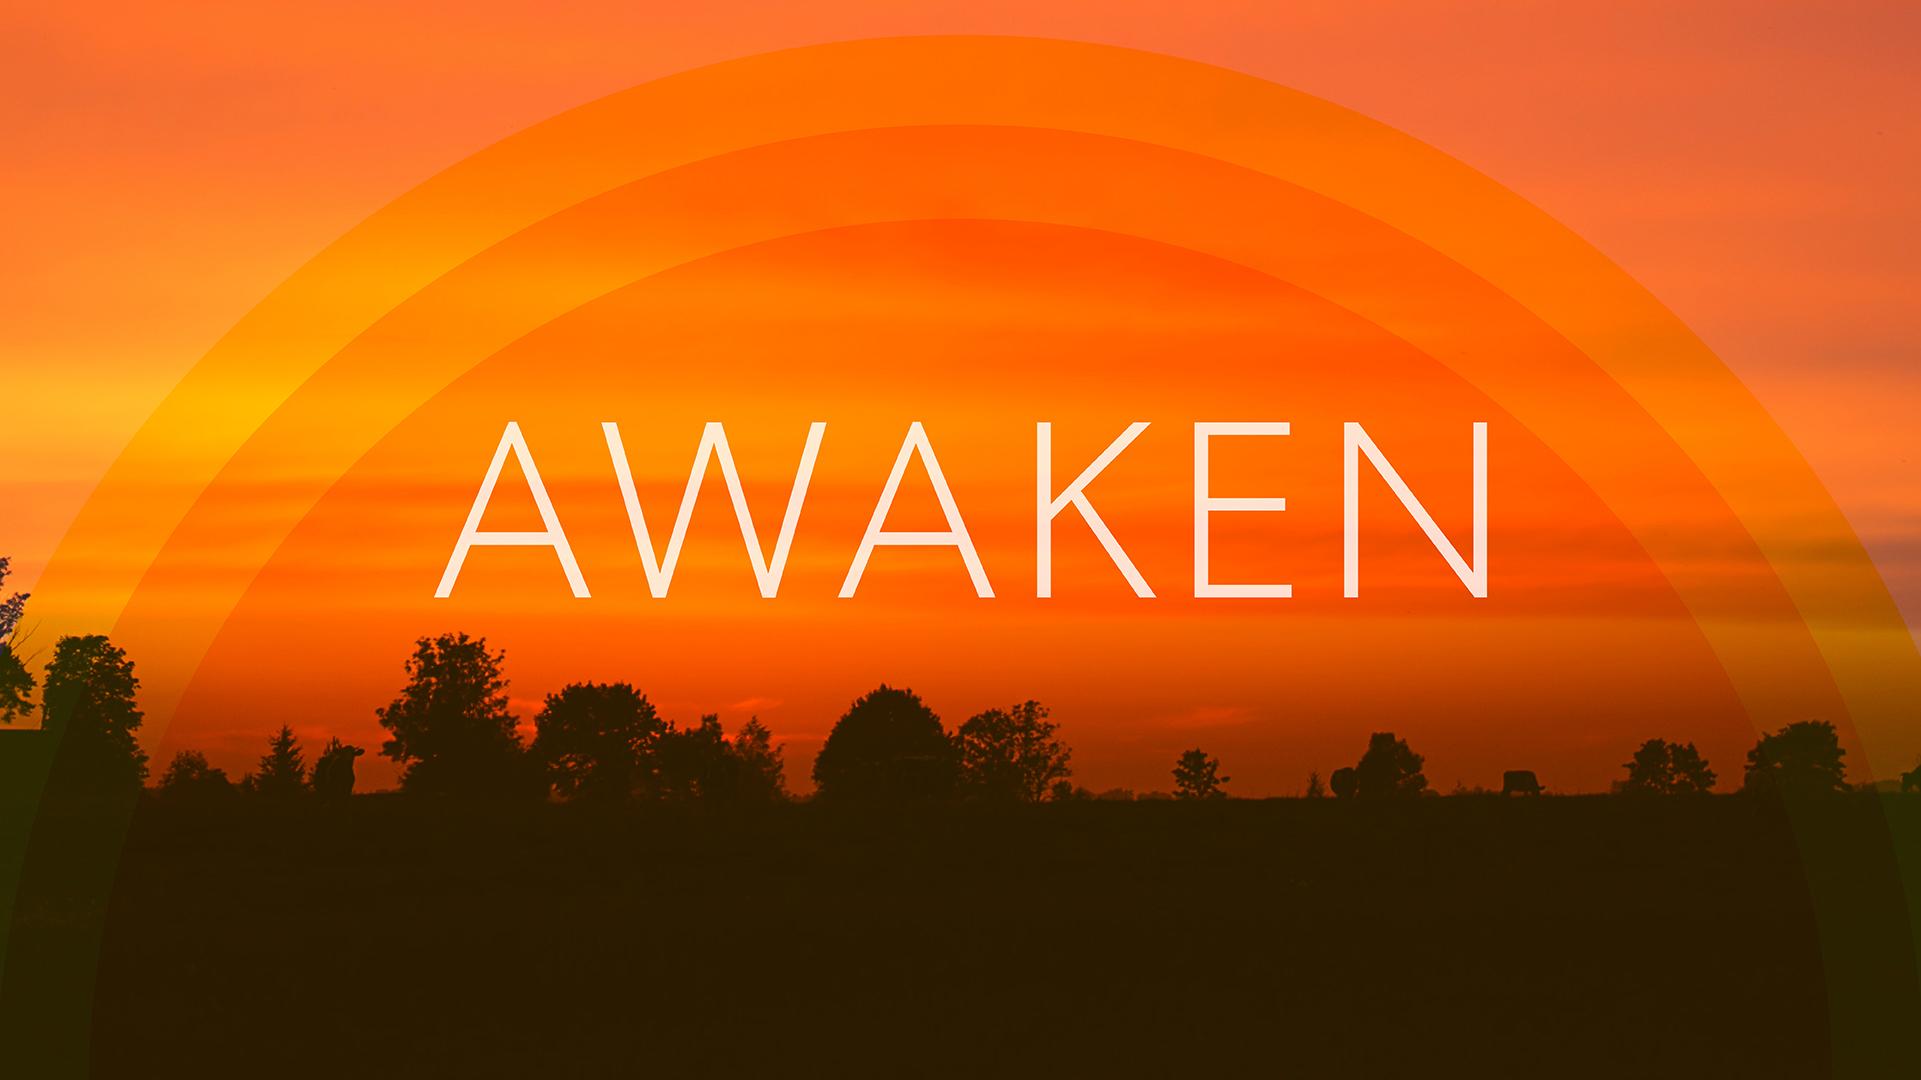 Awaken-01-web.jpg